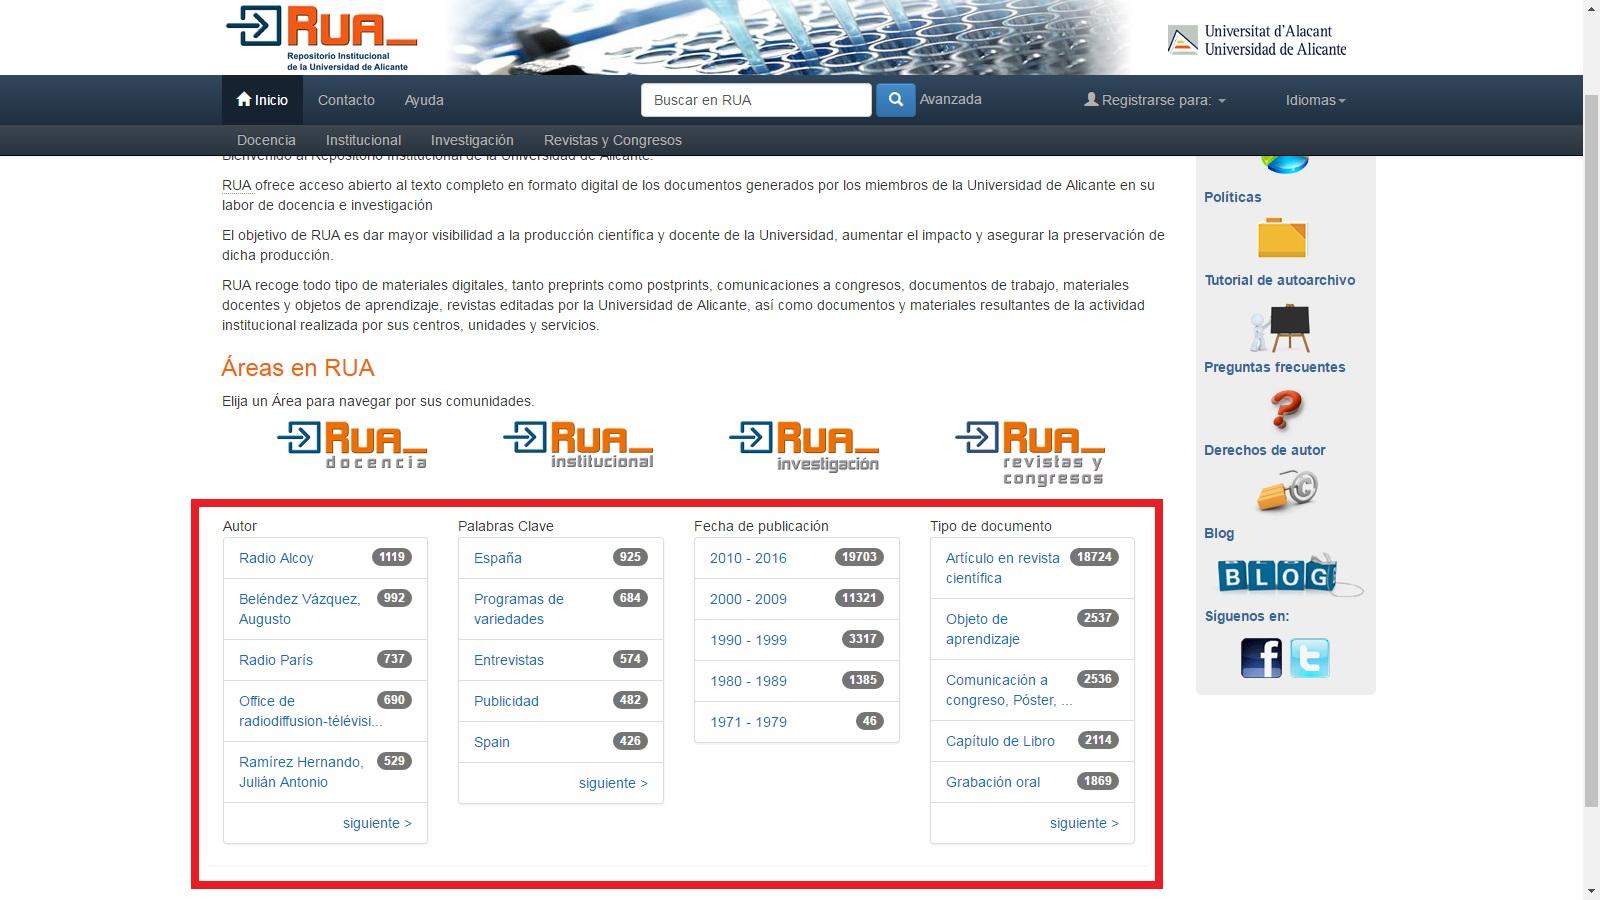 cambio-RUA-3